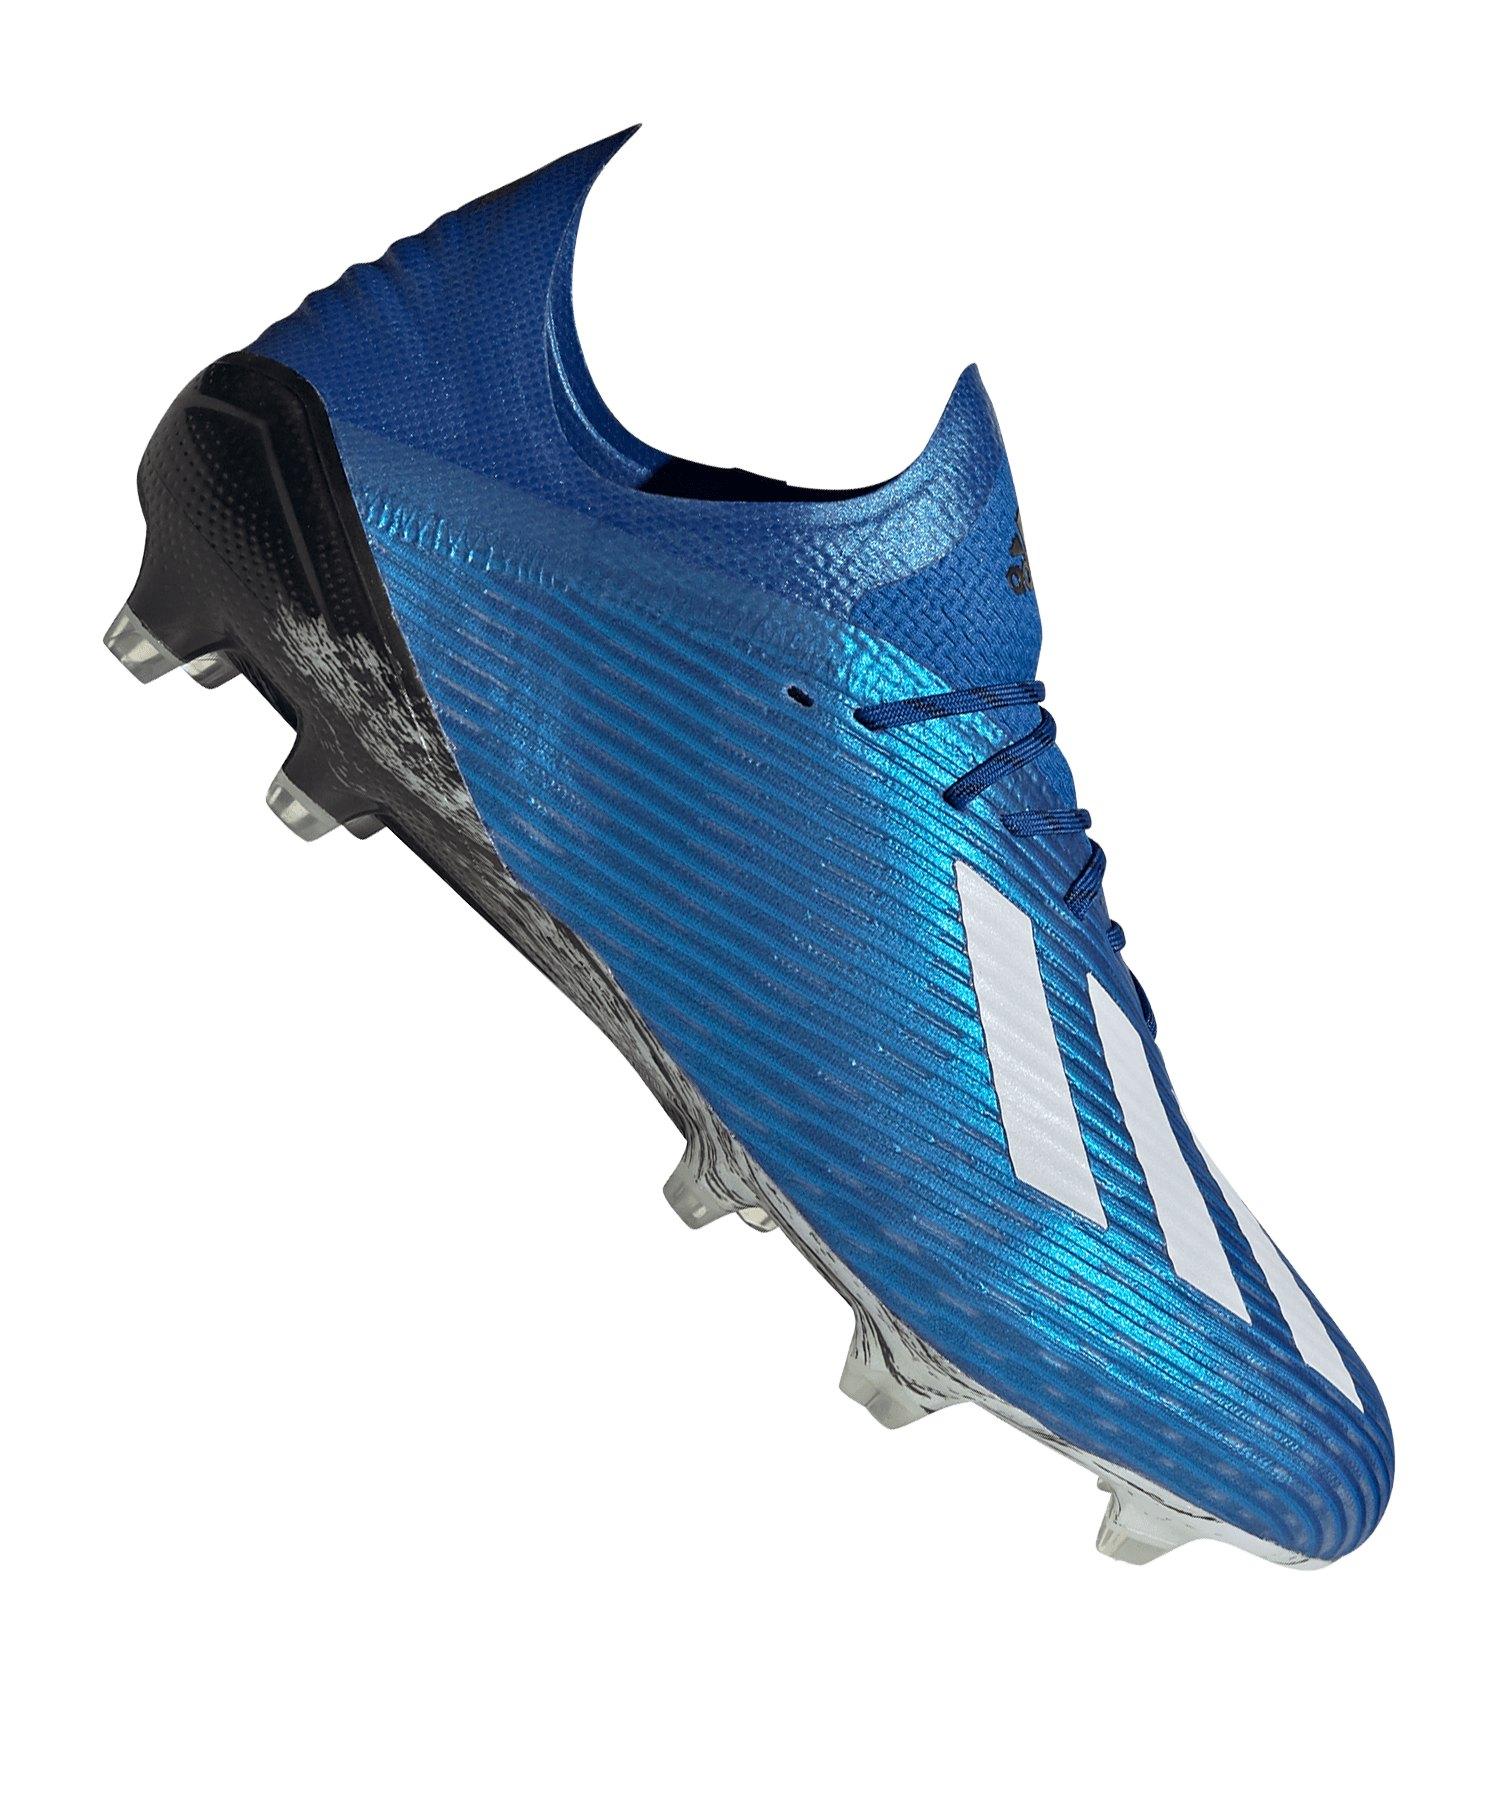 adidas X 19.1 FG Blau Schwarz - blau